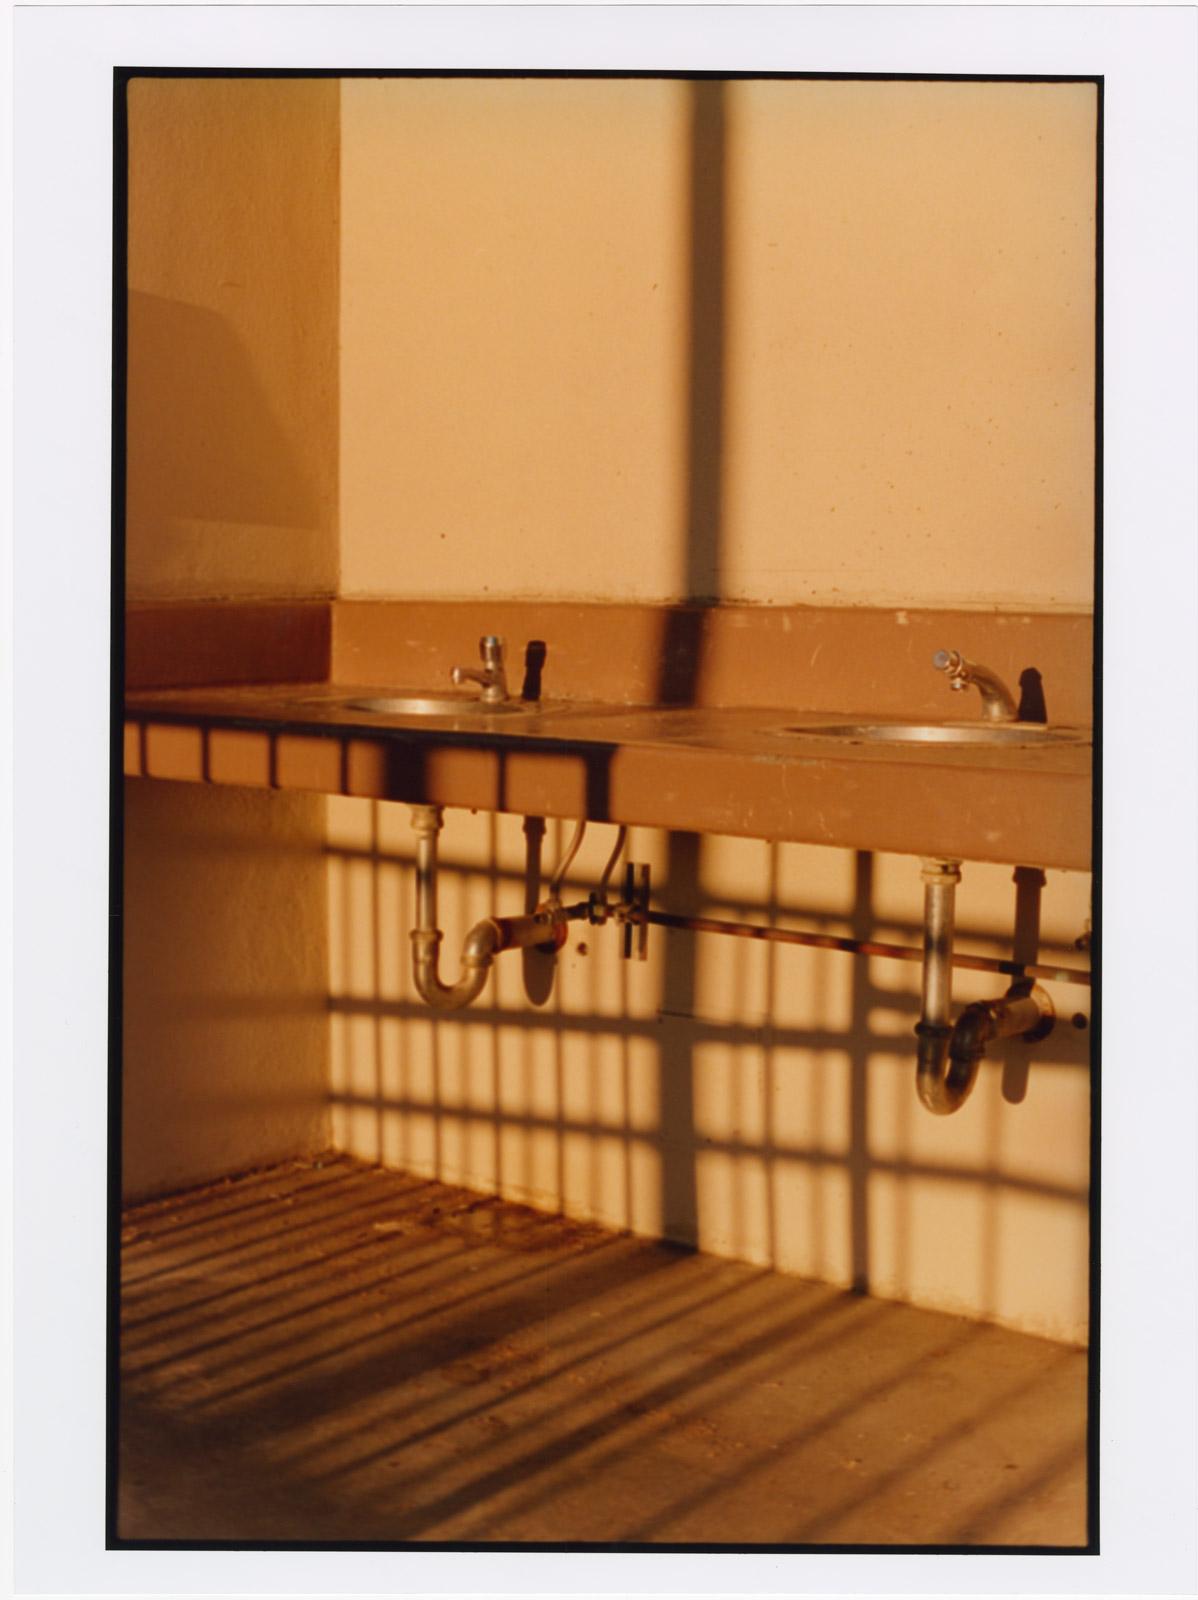 nick_sabatalo_photographer_darkroom_photography_c-type_handprint_golden_hour.jpg